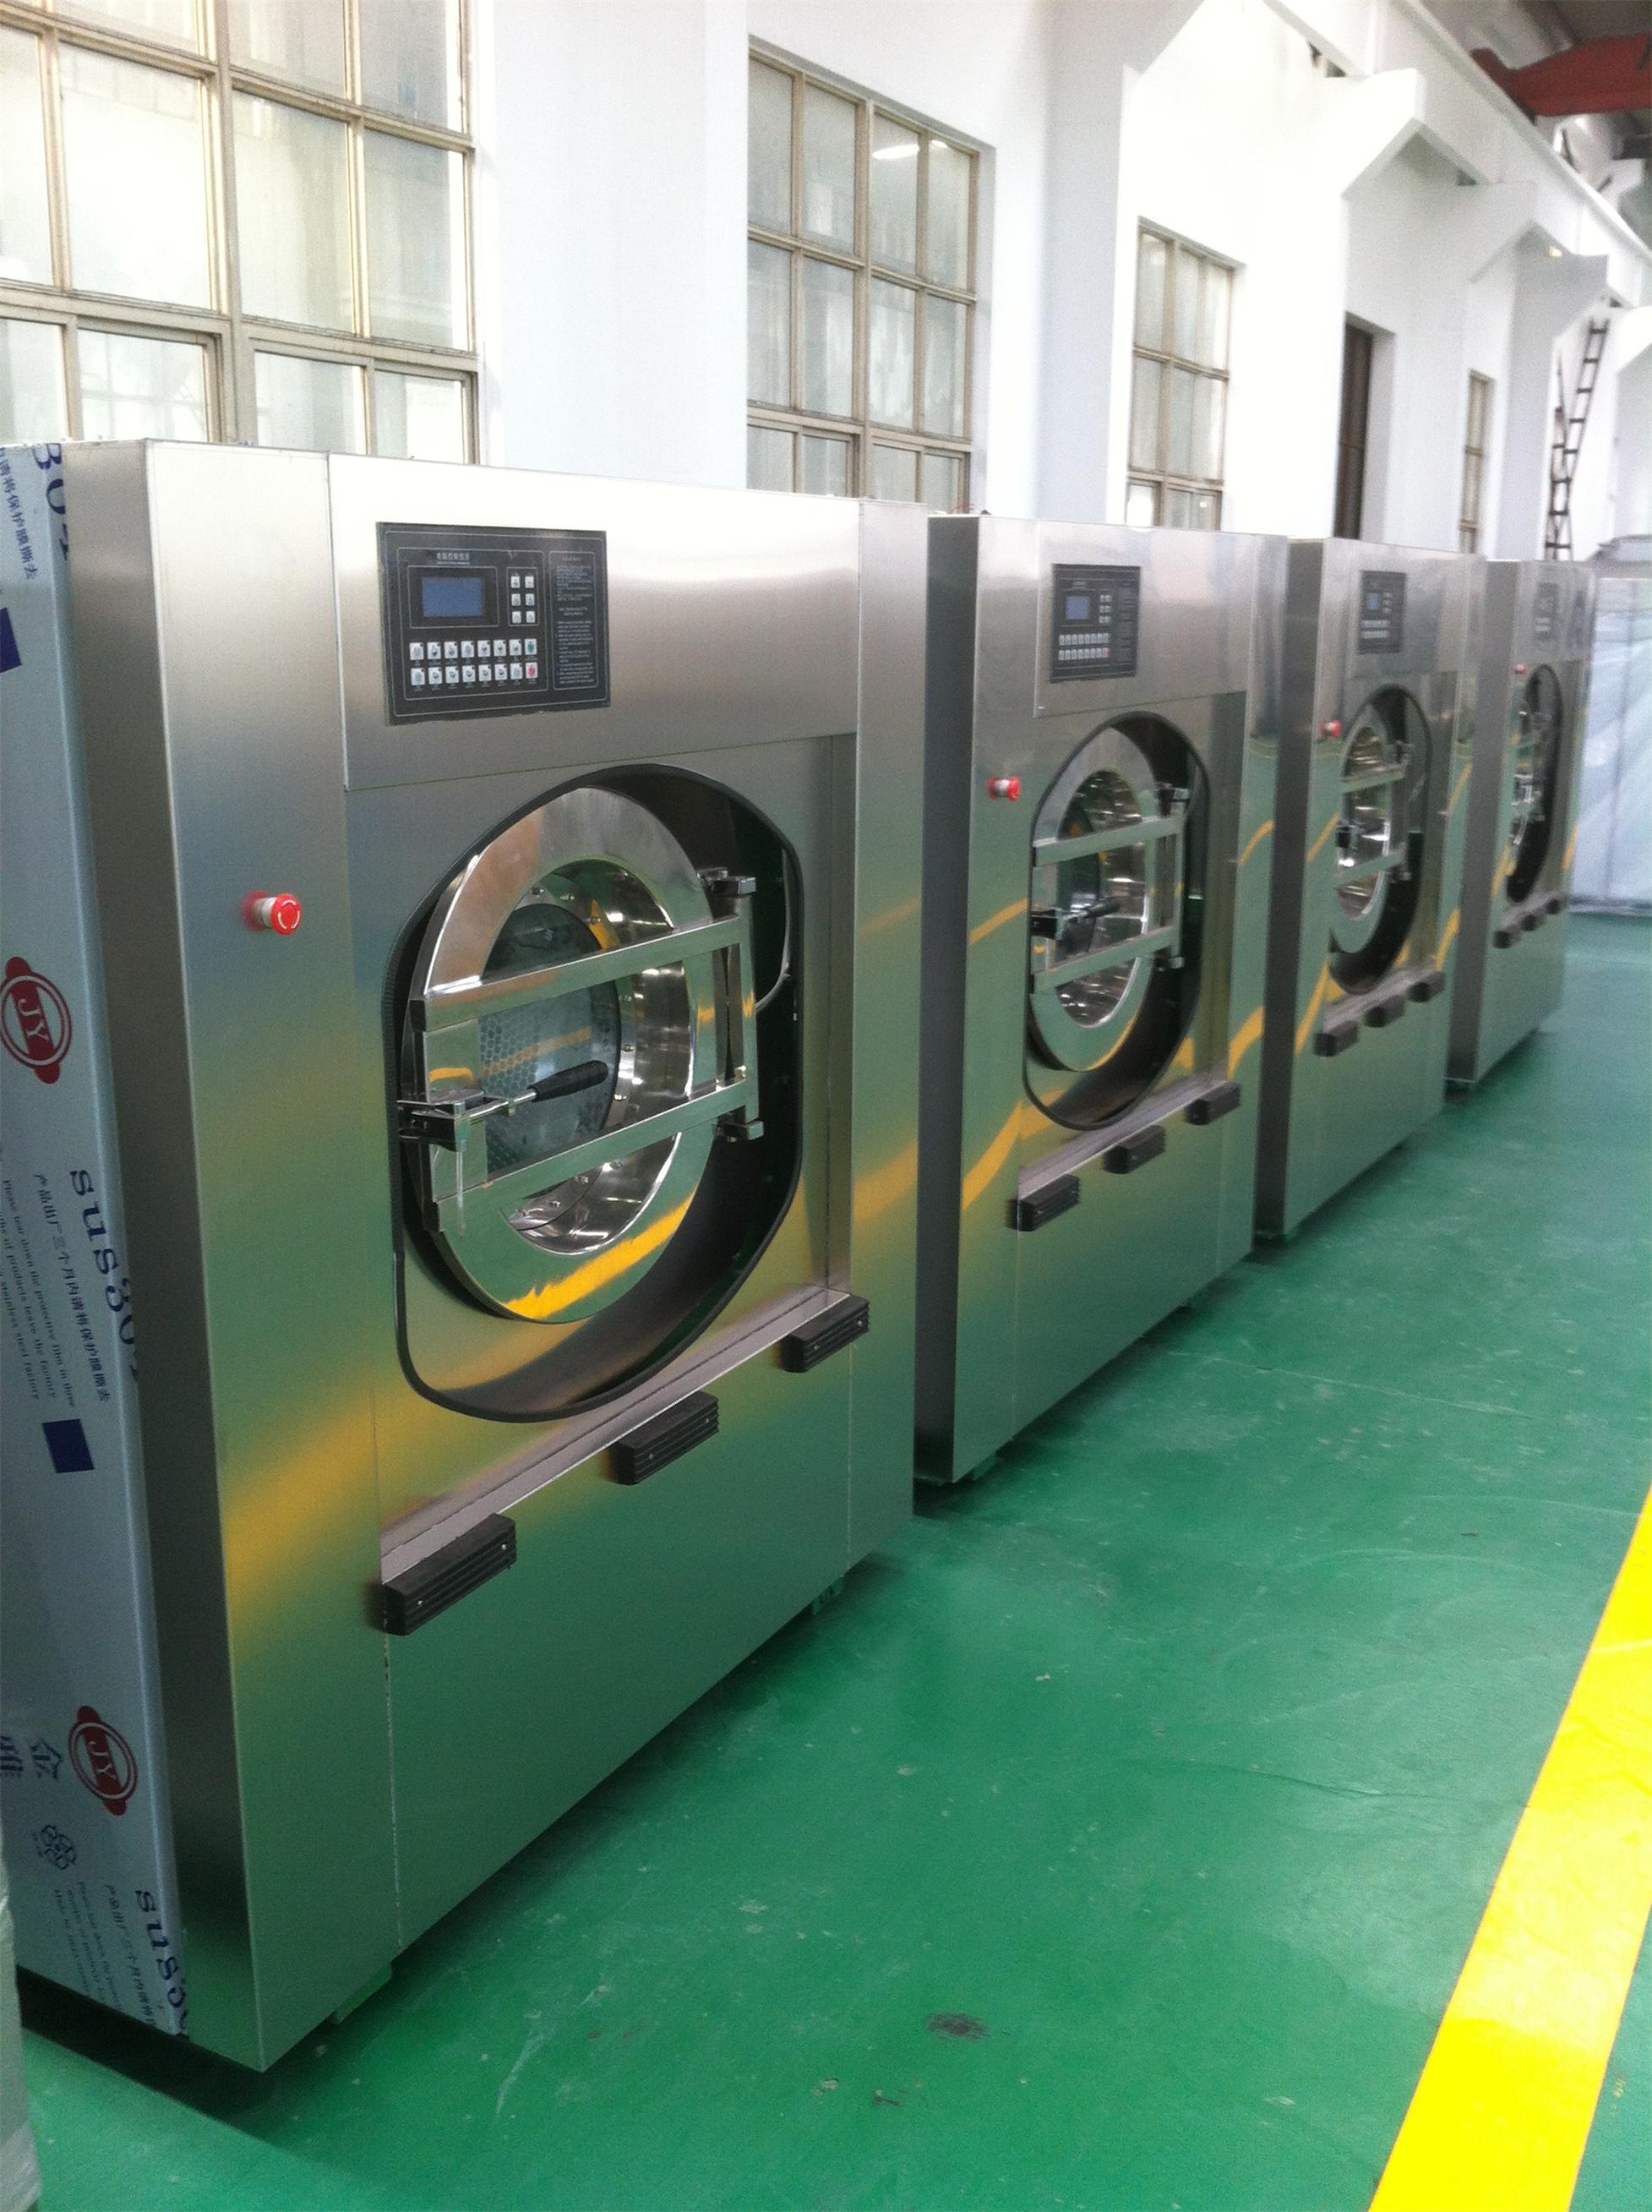 全自动工业洗衣机制造商,全自动洗衣机配件价格。